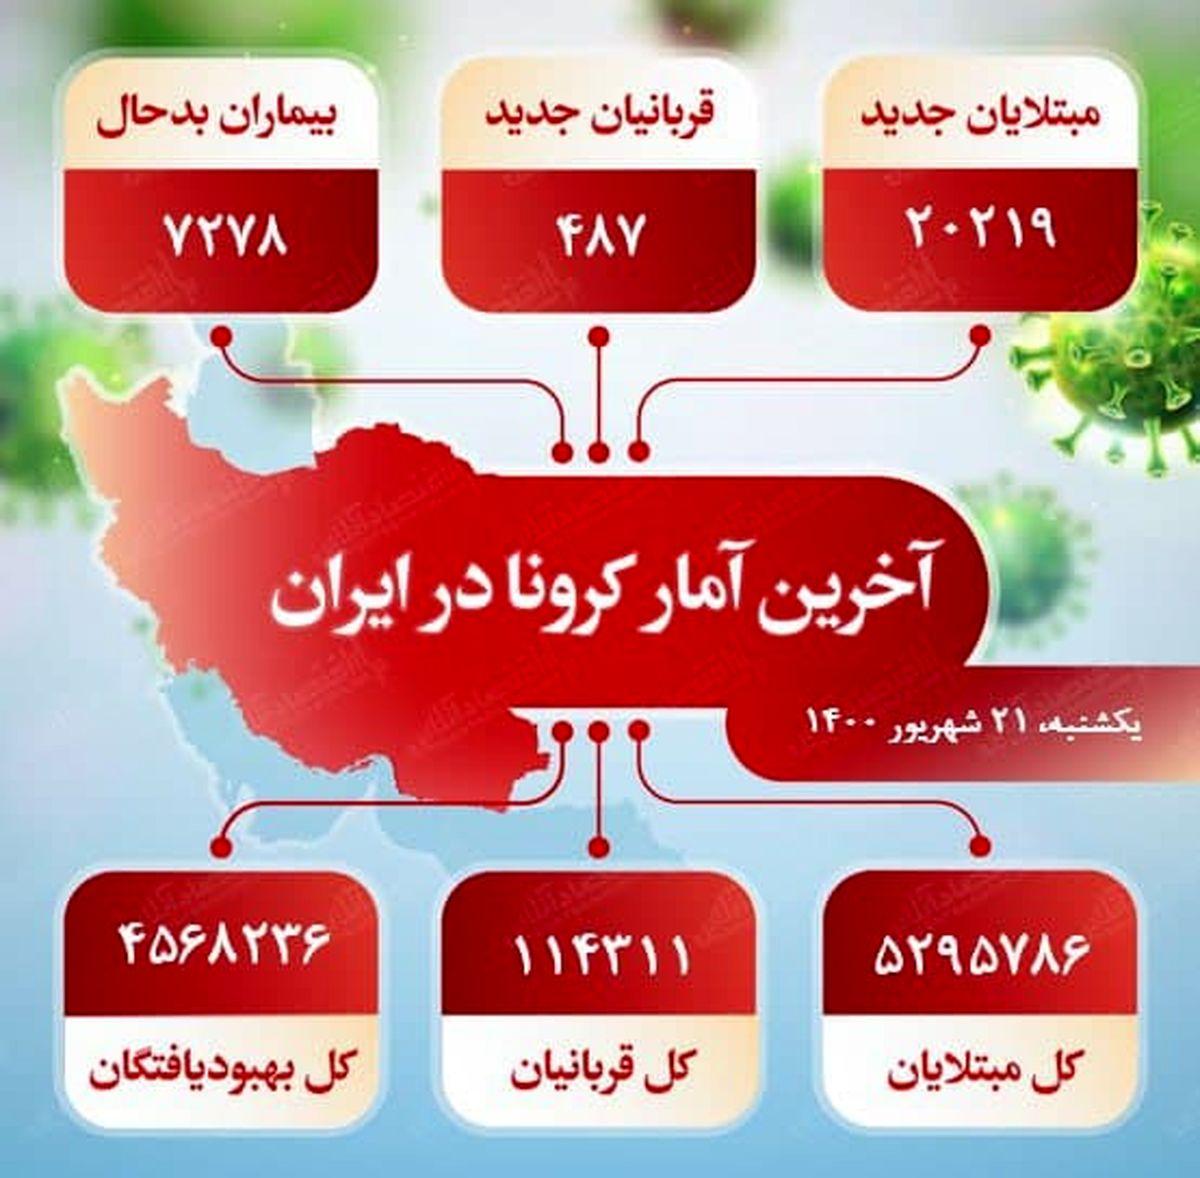 آخرین آمار کرونا در ایران (۱۴۰۰/۶/۲۱)